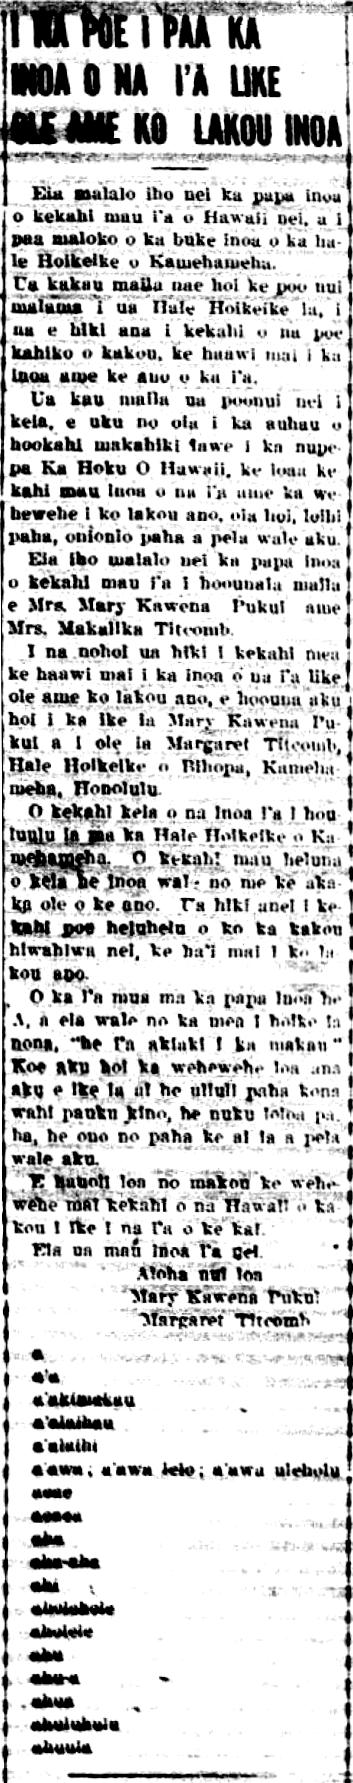 HokuoHawaii_5_29_1940_1